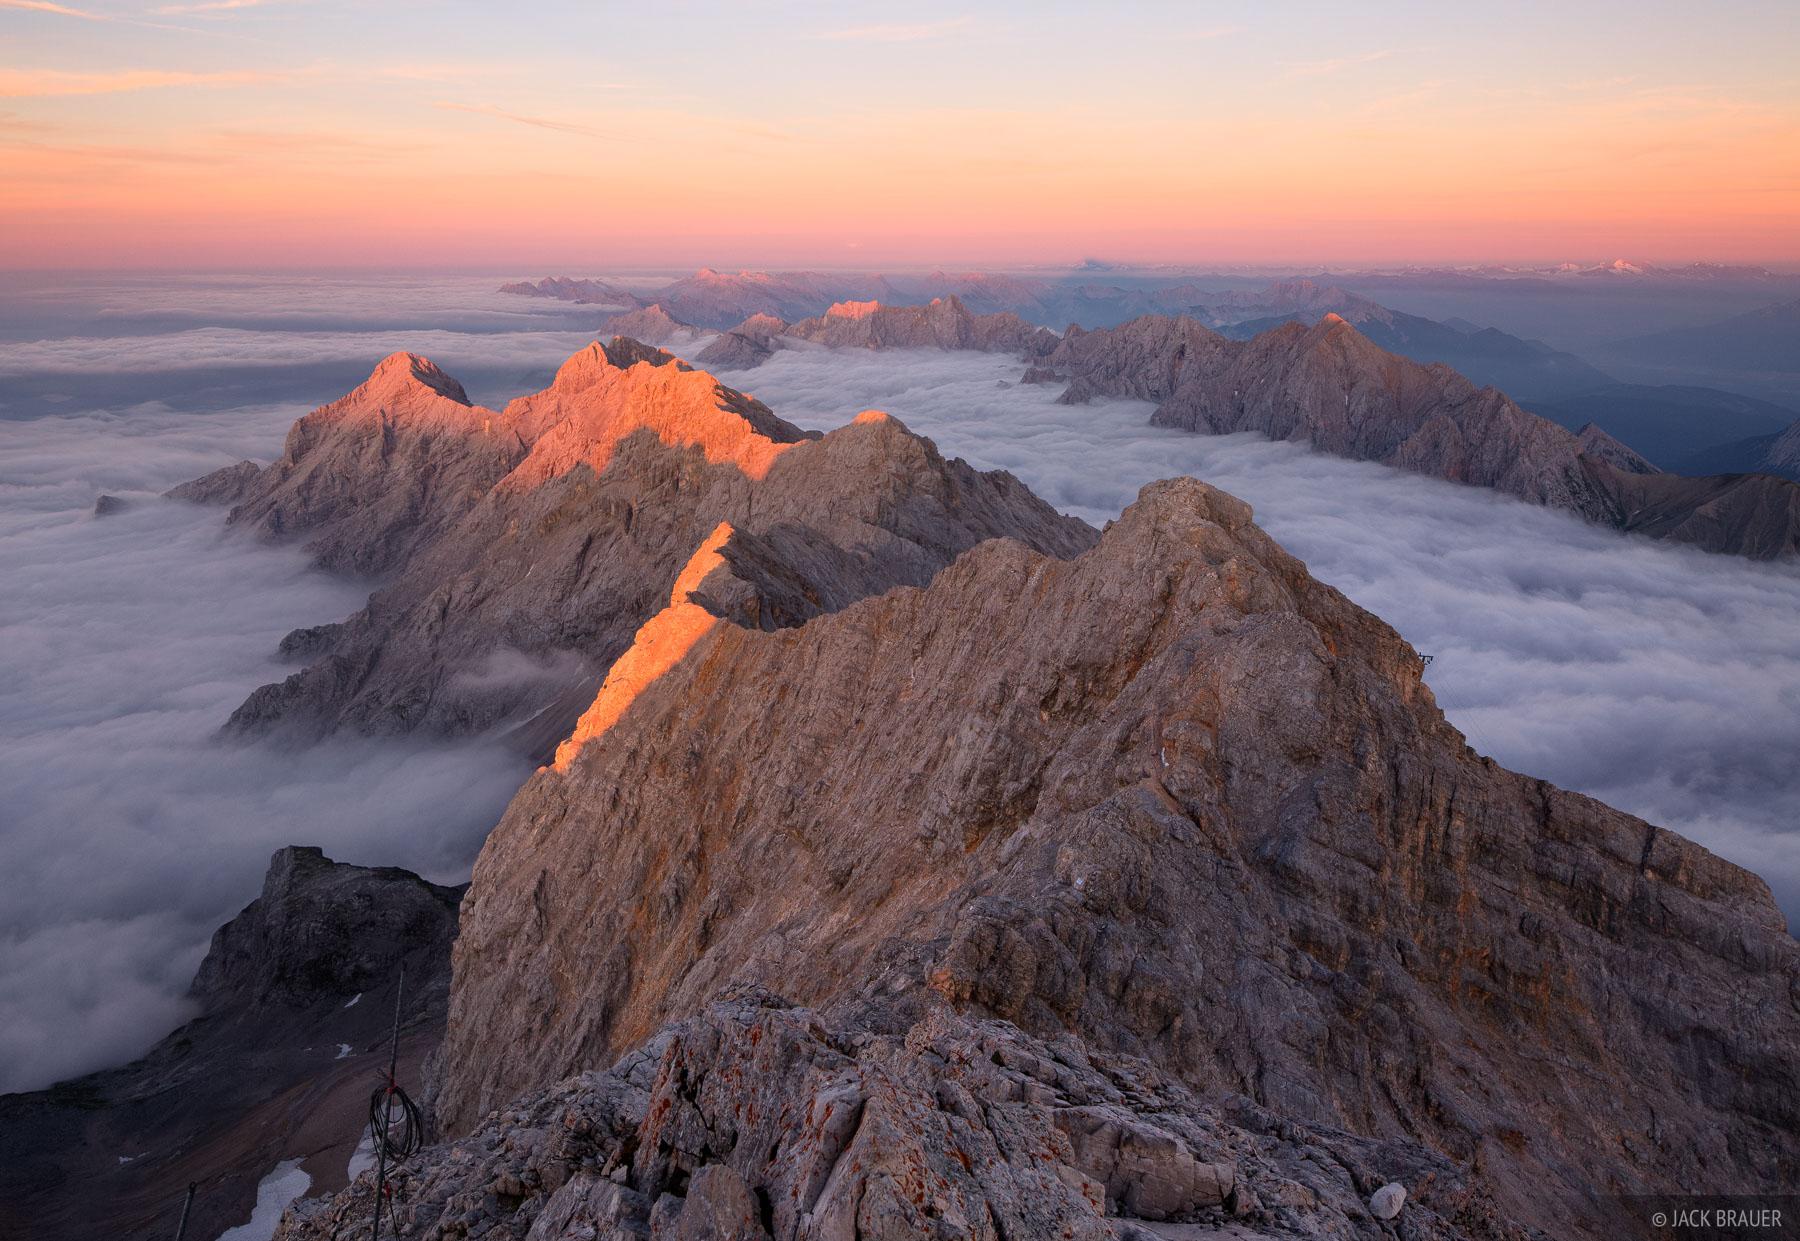 Zugspitze, Wettersteingebirge, Germany, summit, sunset, photo